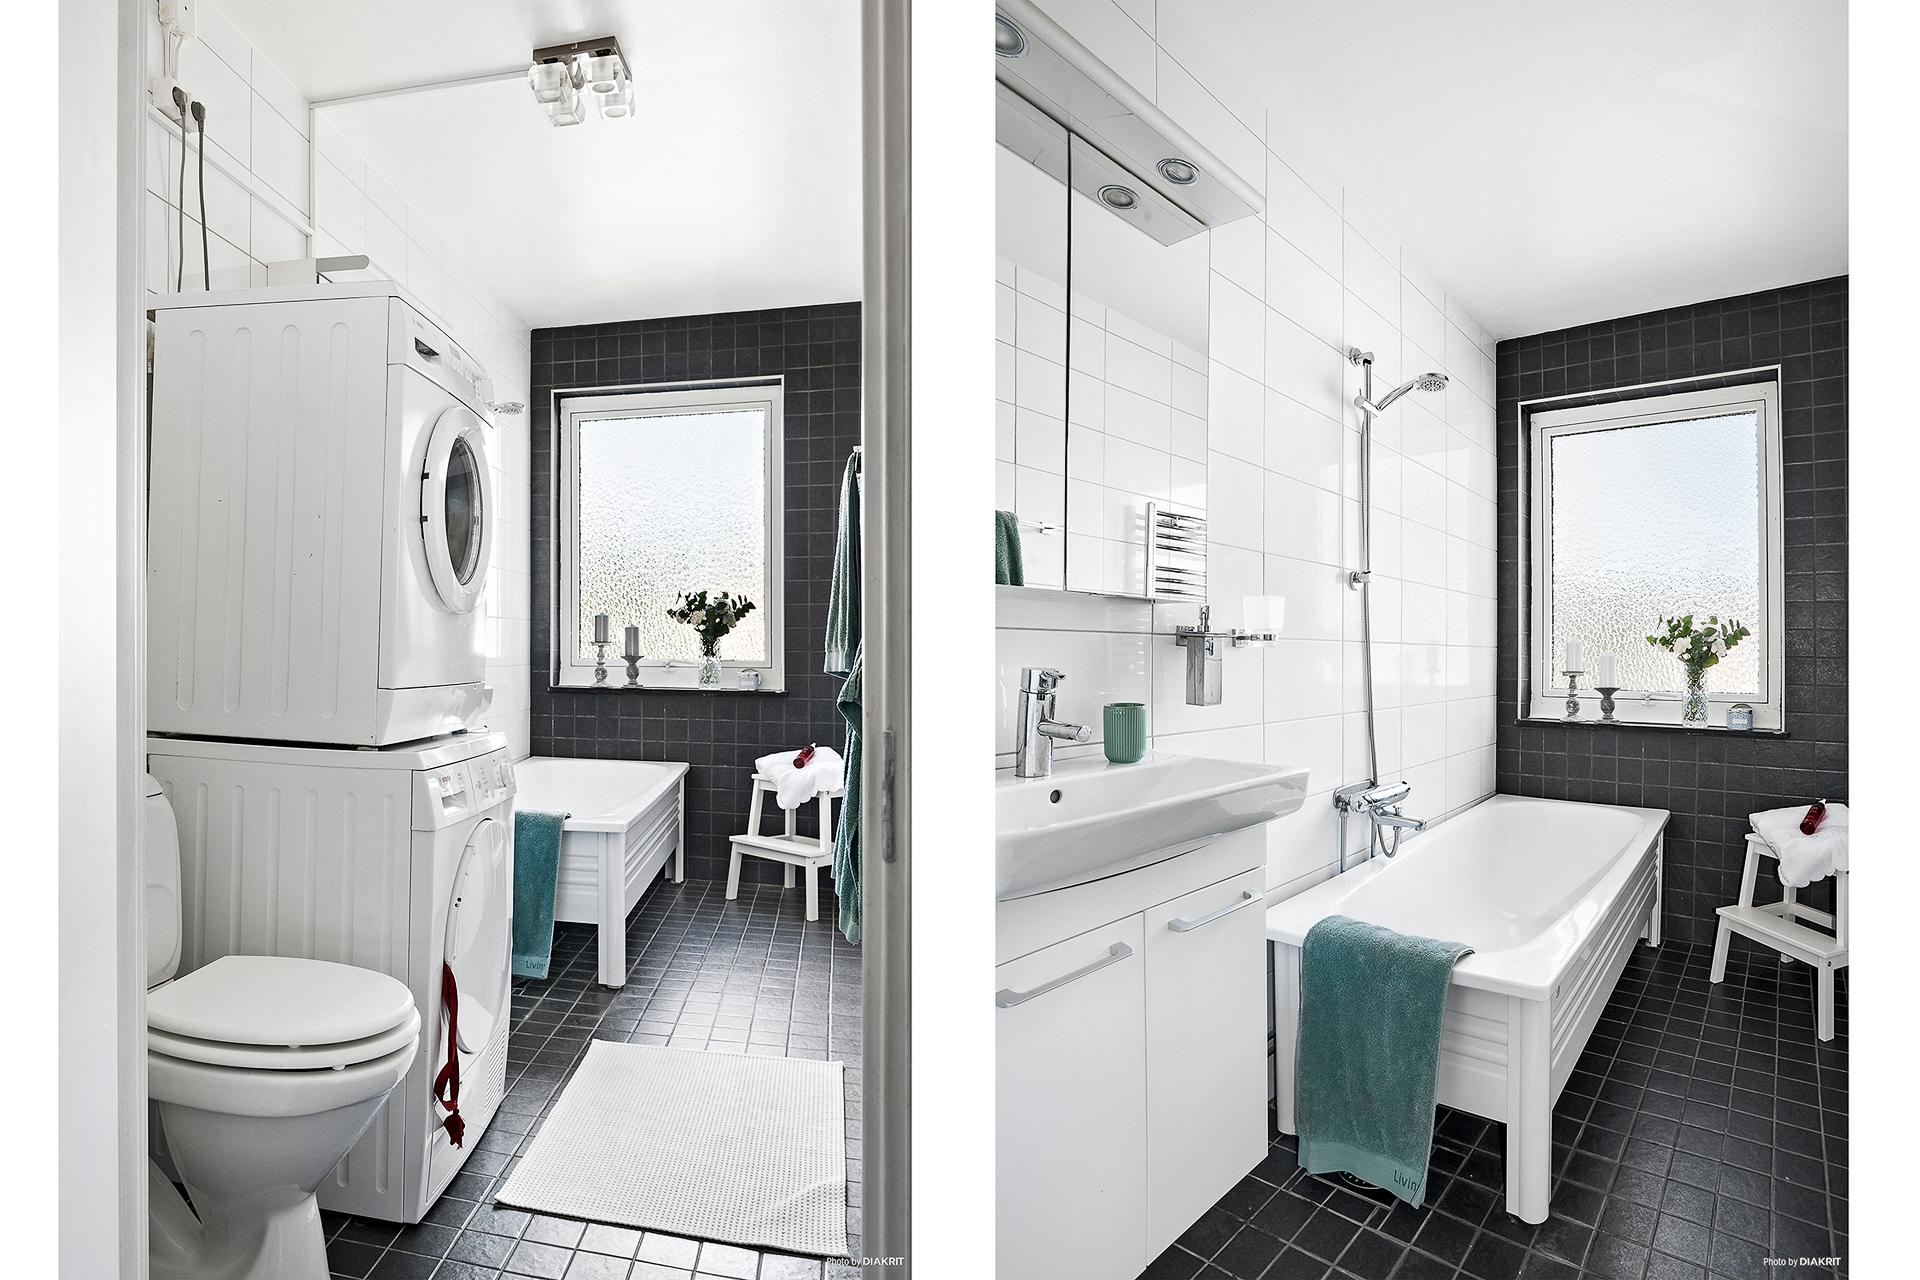 Helkaklat badrum med badkar, nyare badrumsmöbler, tvättmaskin och torktumlare.